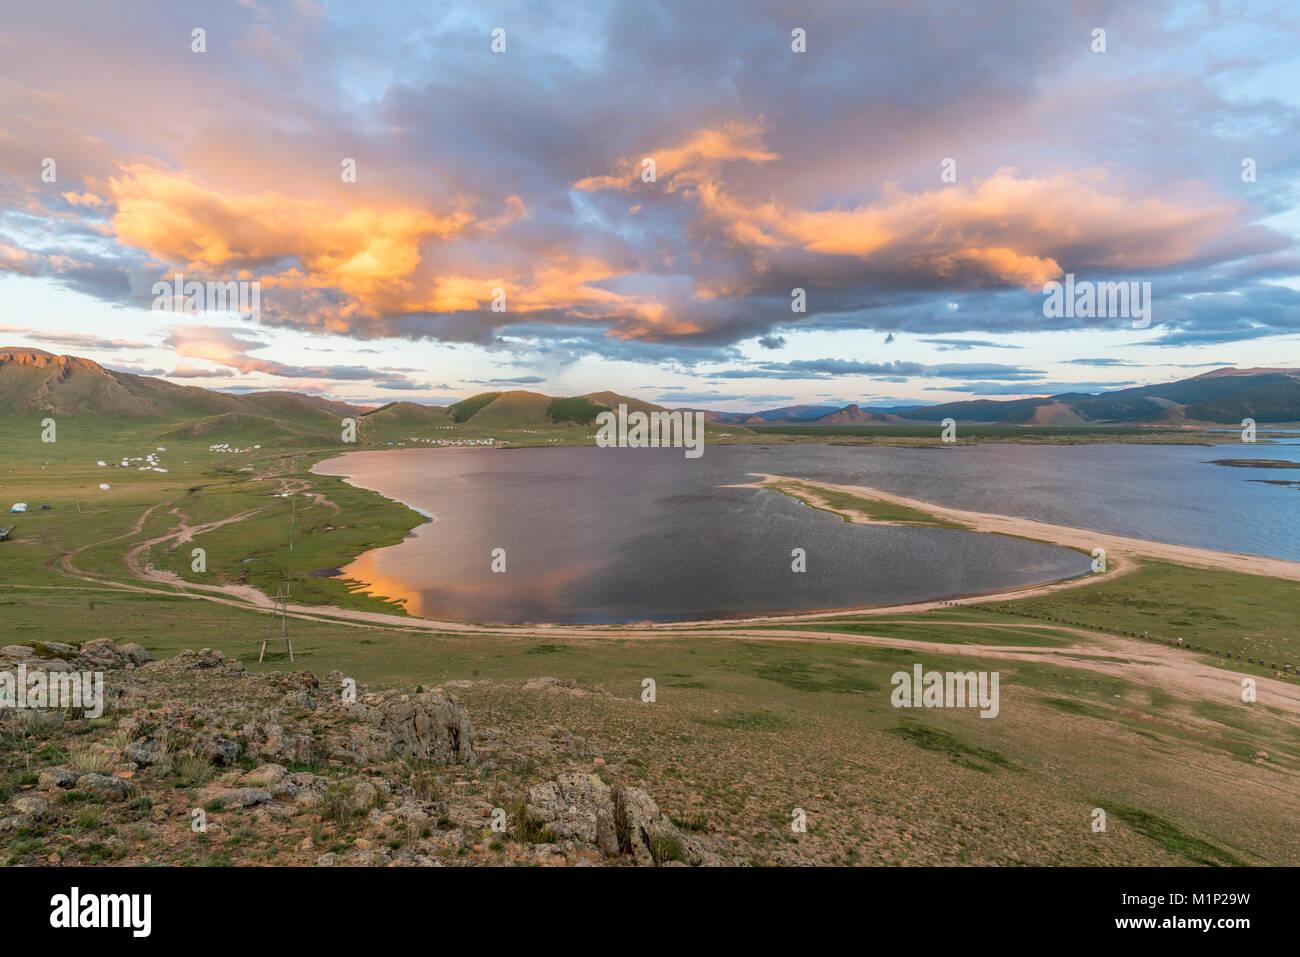 Atardecer en el Lago Blanco, taría, distrito del norte de la provincia Hangay, Mongolia, Asia Central, África Imagen De Stock